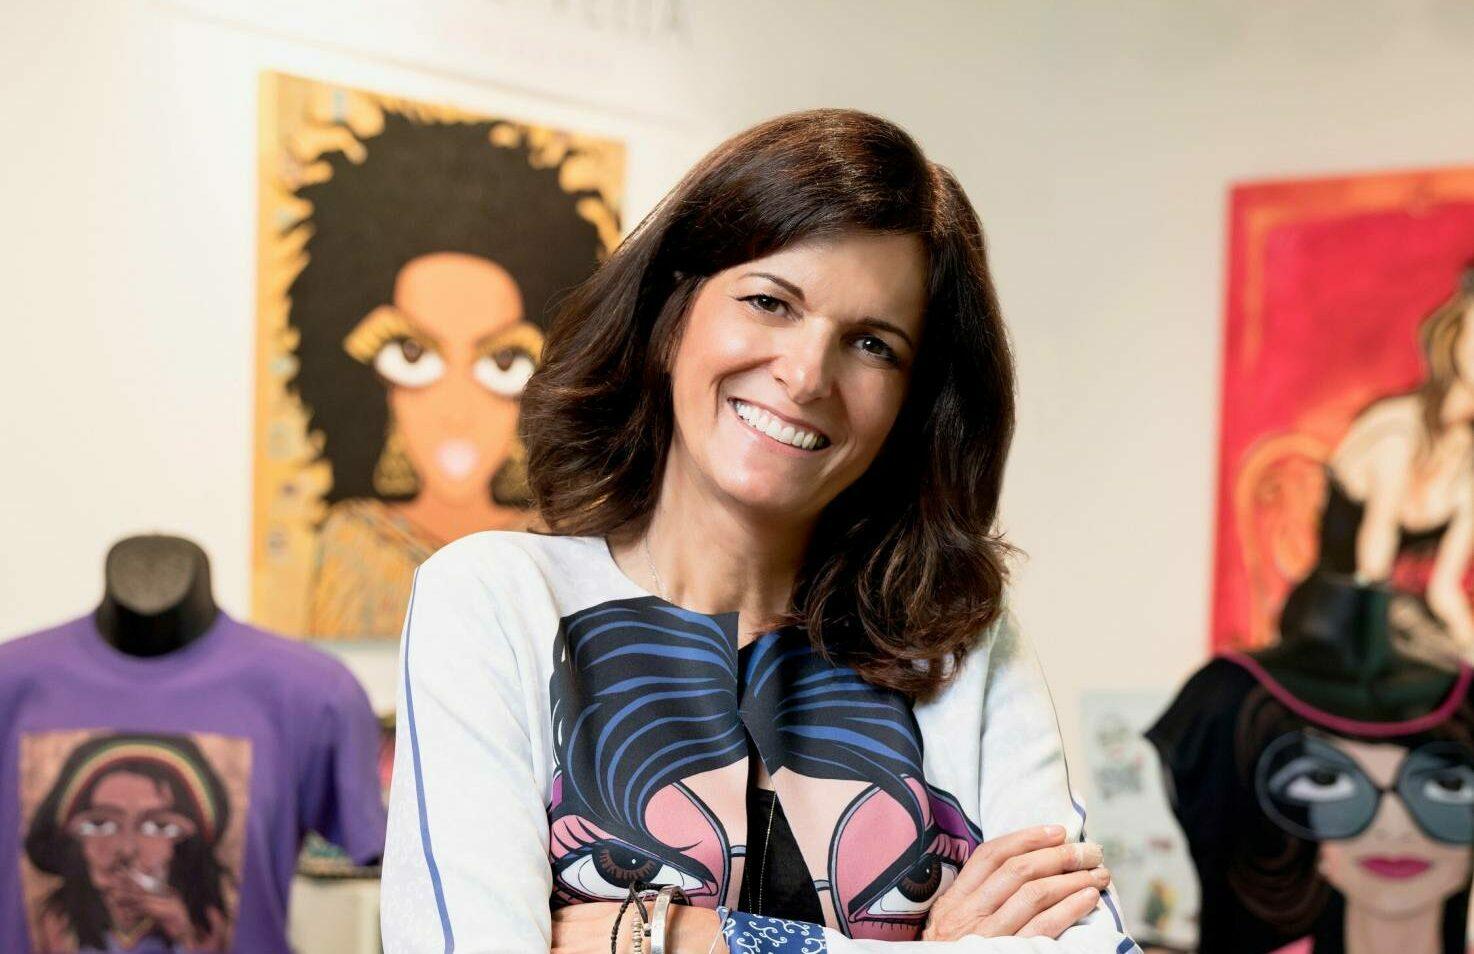 Image of Michelle Vella 1 1632241723 99.245.1.193 e1632243929654 in Cosentino to showcase pop artist Michelle Vella's artwork at Toronto City Showroom CosArt Event - Cosentino